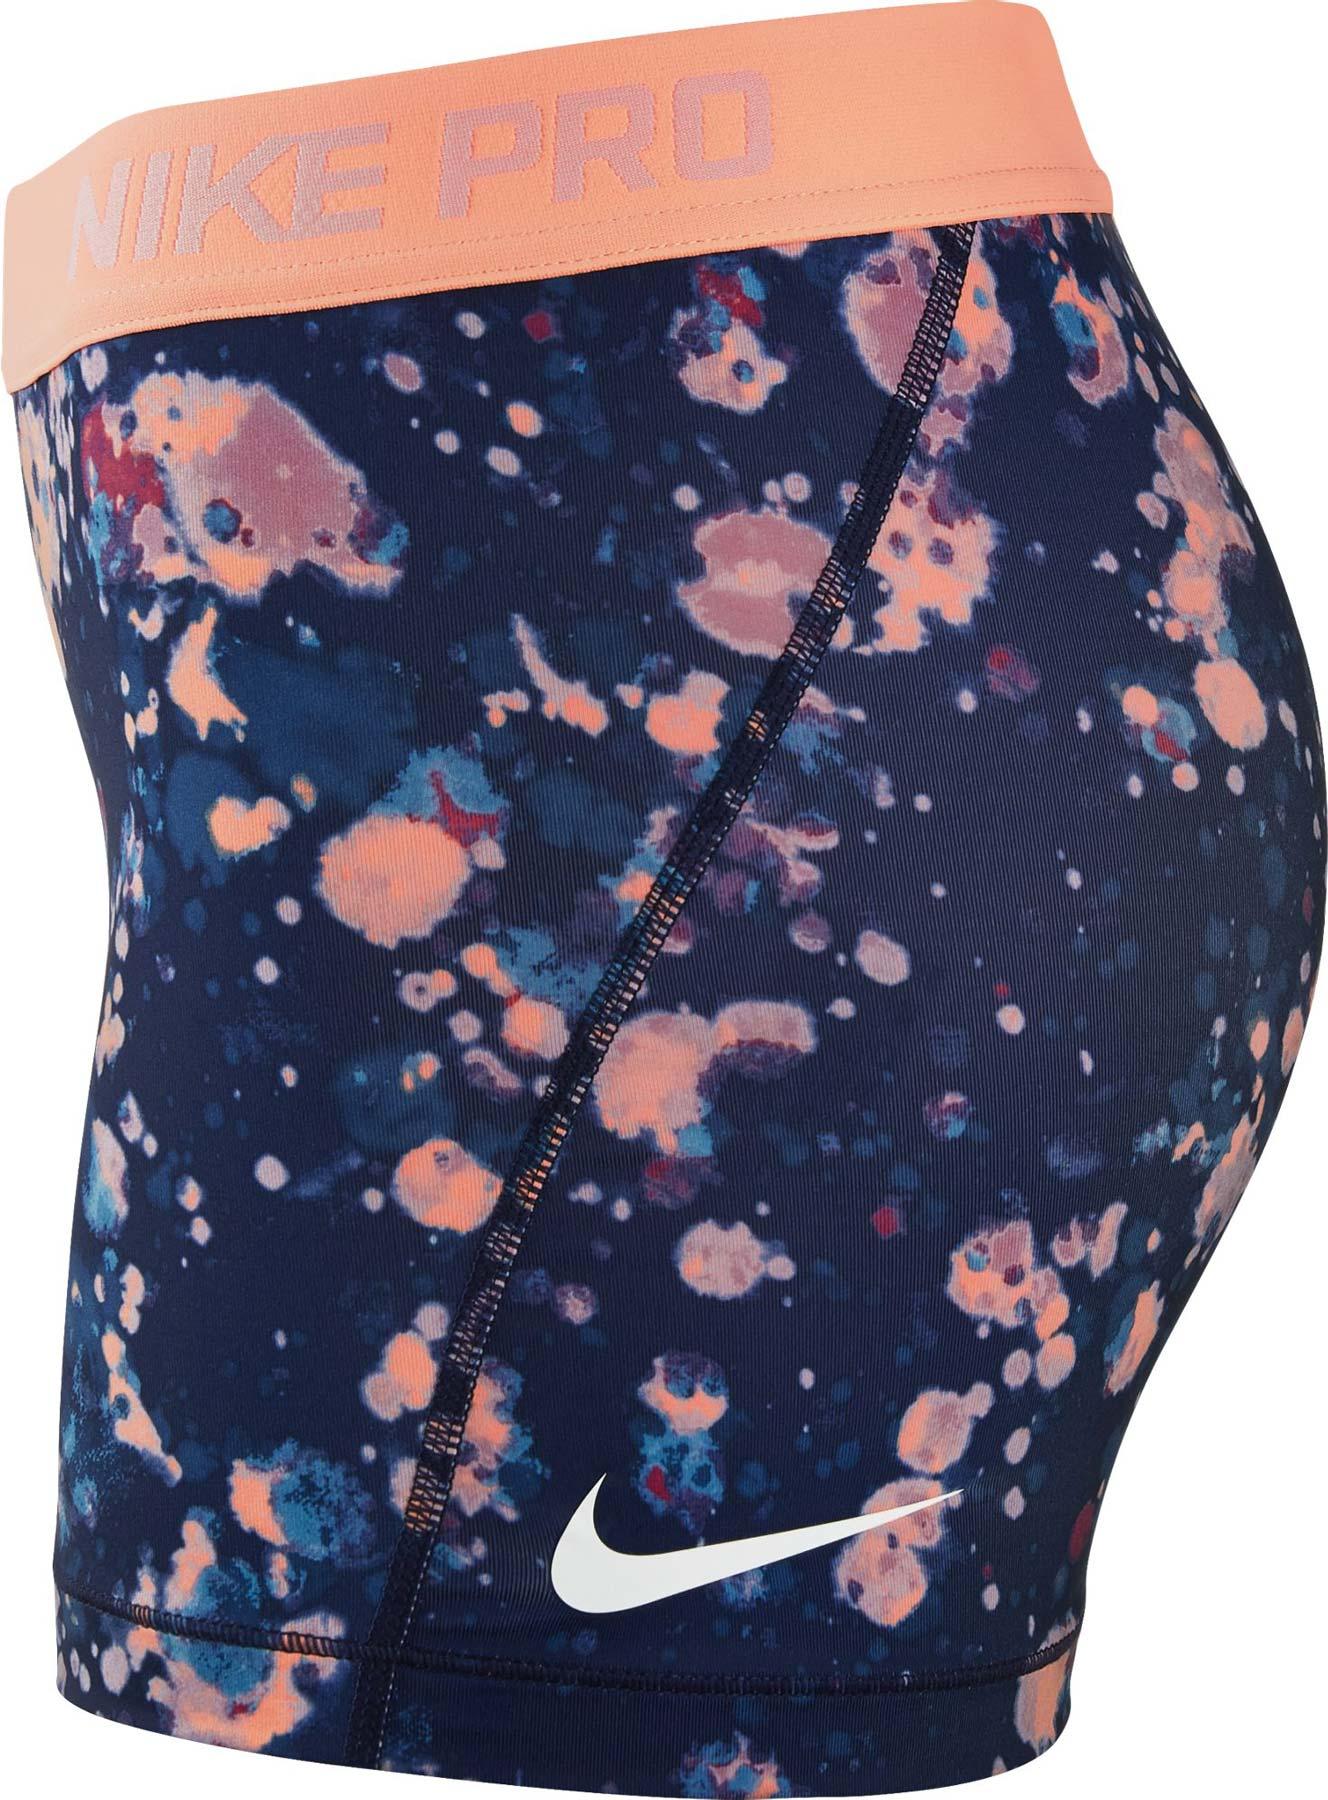 Nike NP CL SHORT 3IN MICROCOSM W. Dámské šortky. Dámské šortky. Dámské  šortky. Dámské šortky. Dámské šortky fa19fa2681